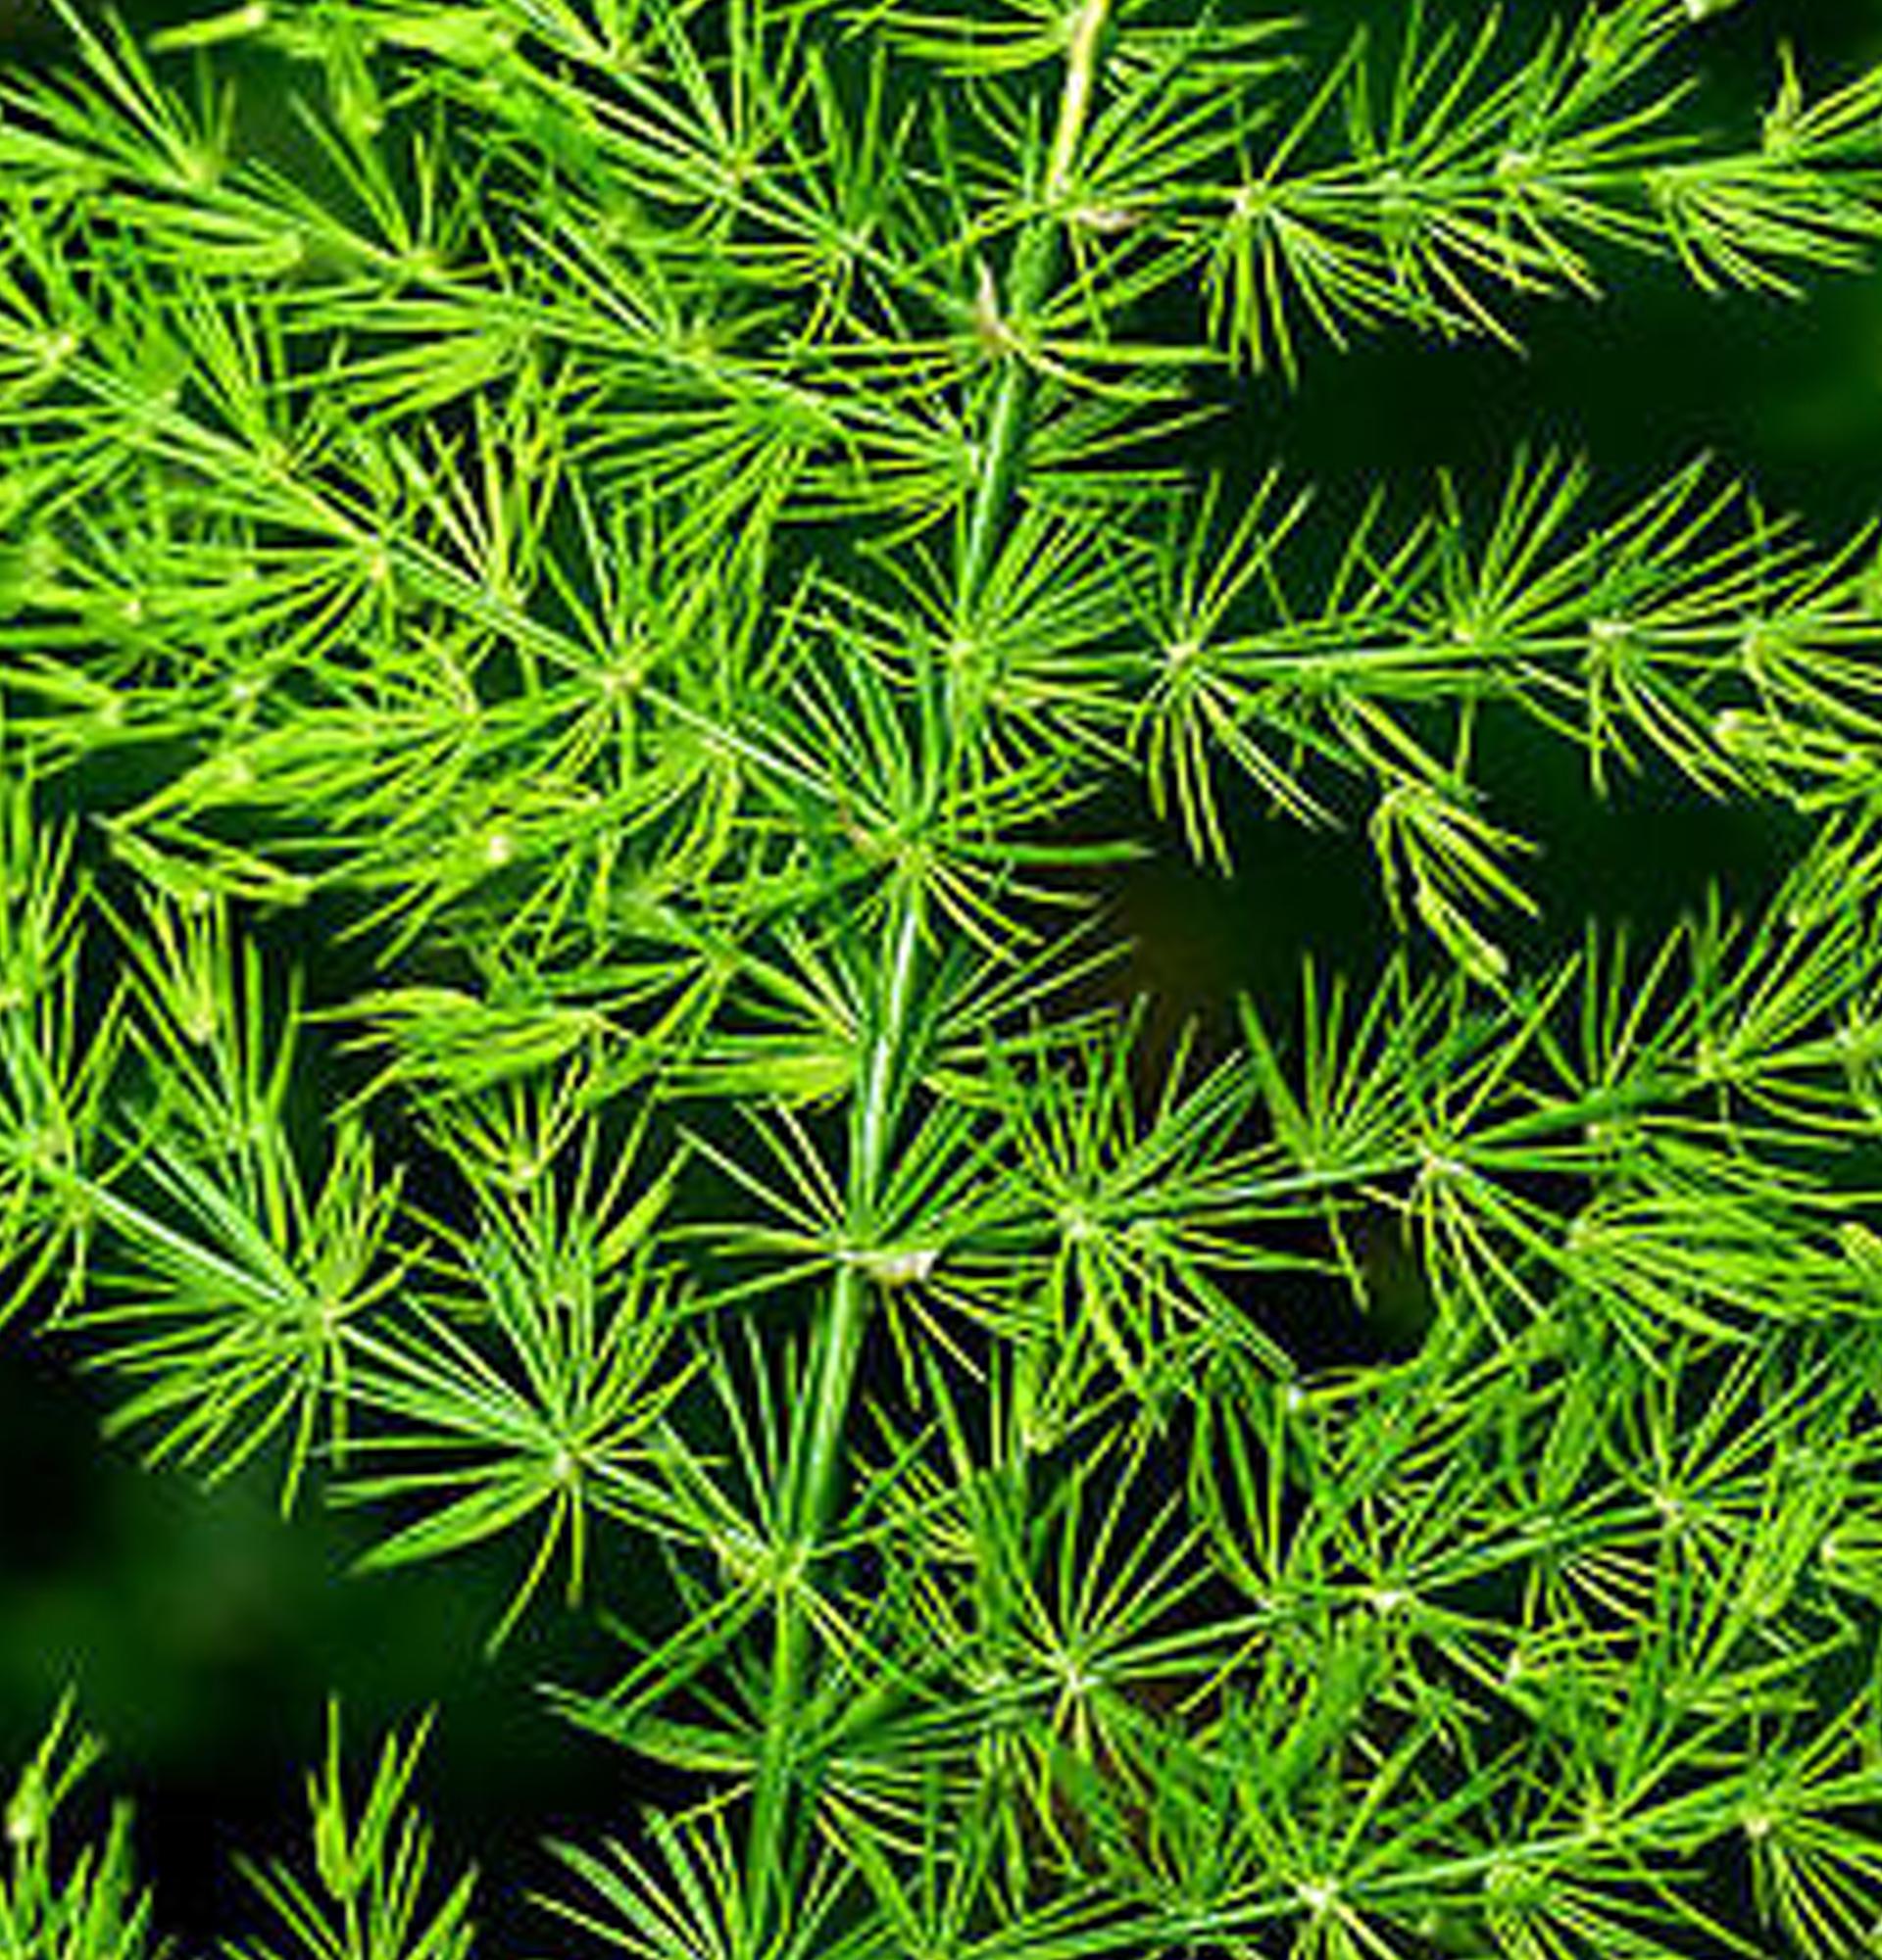 Аспарагус пірамідальний (Asparagus pyramidalis)